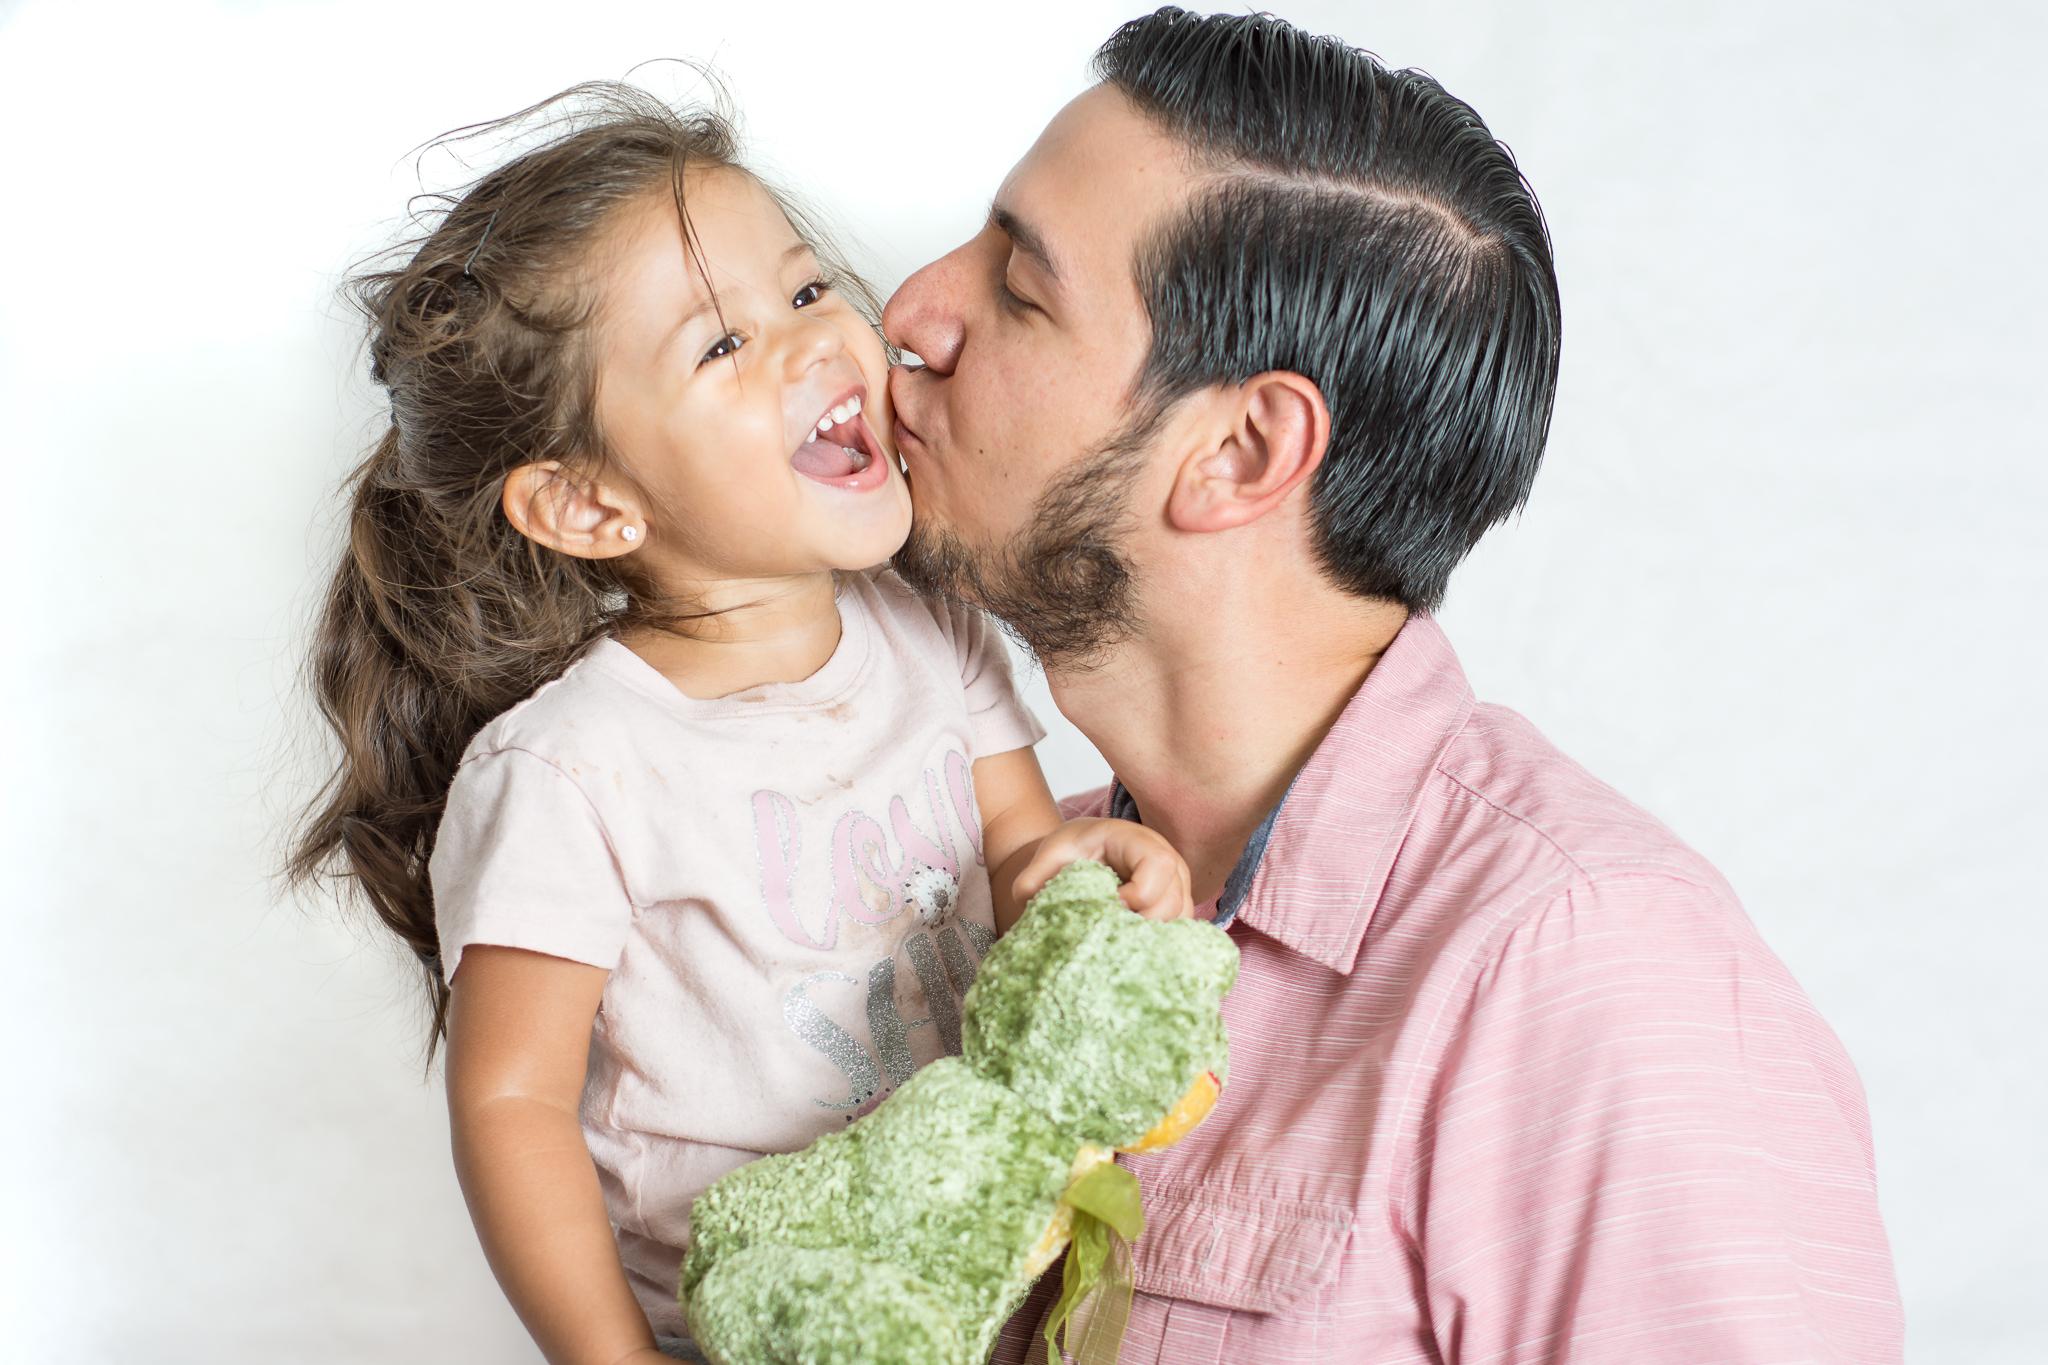 Javier kissing his daughter.